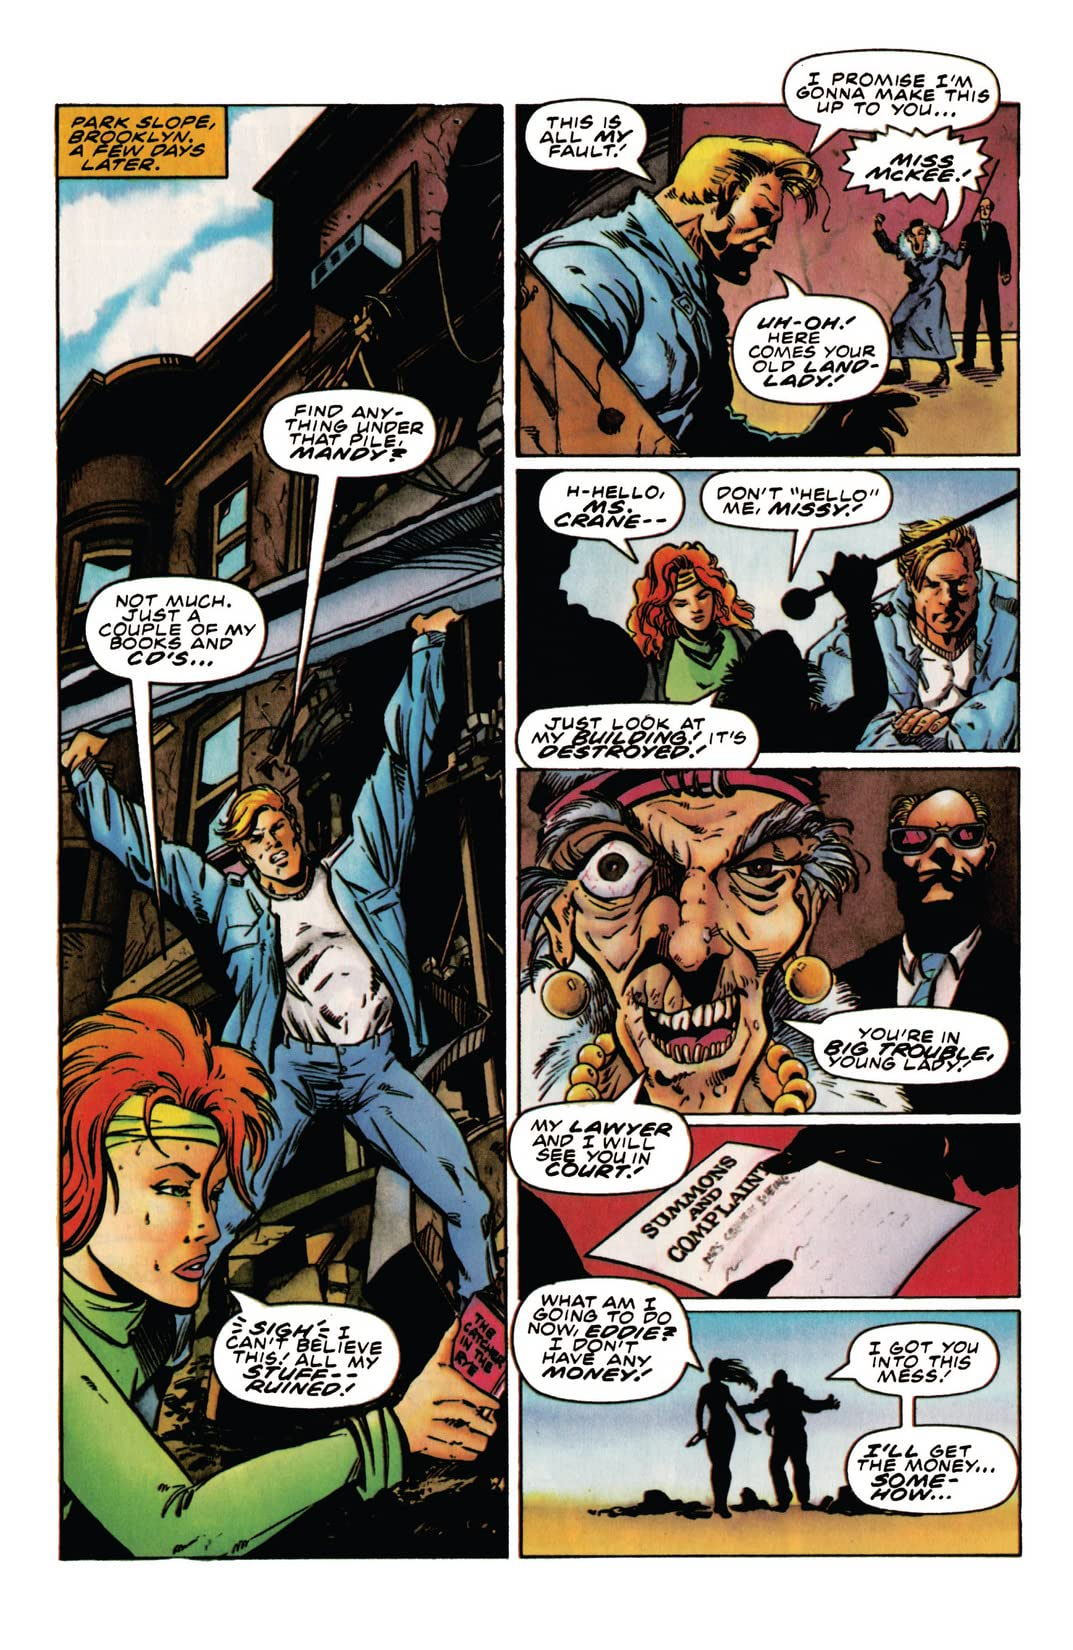 Secret Weapons (1993) #8